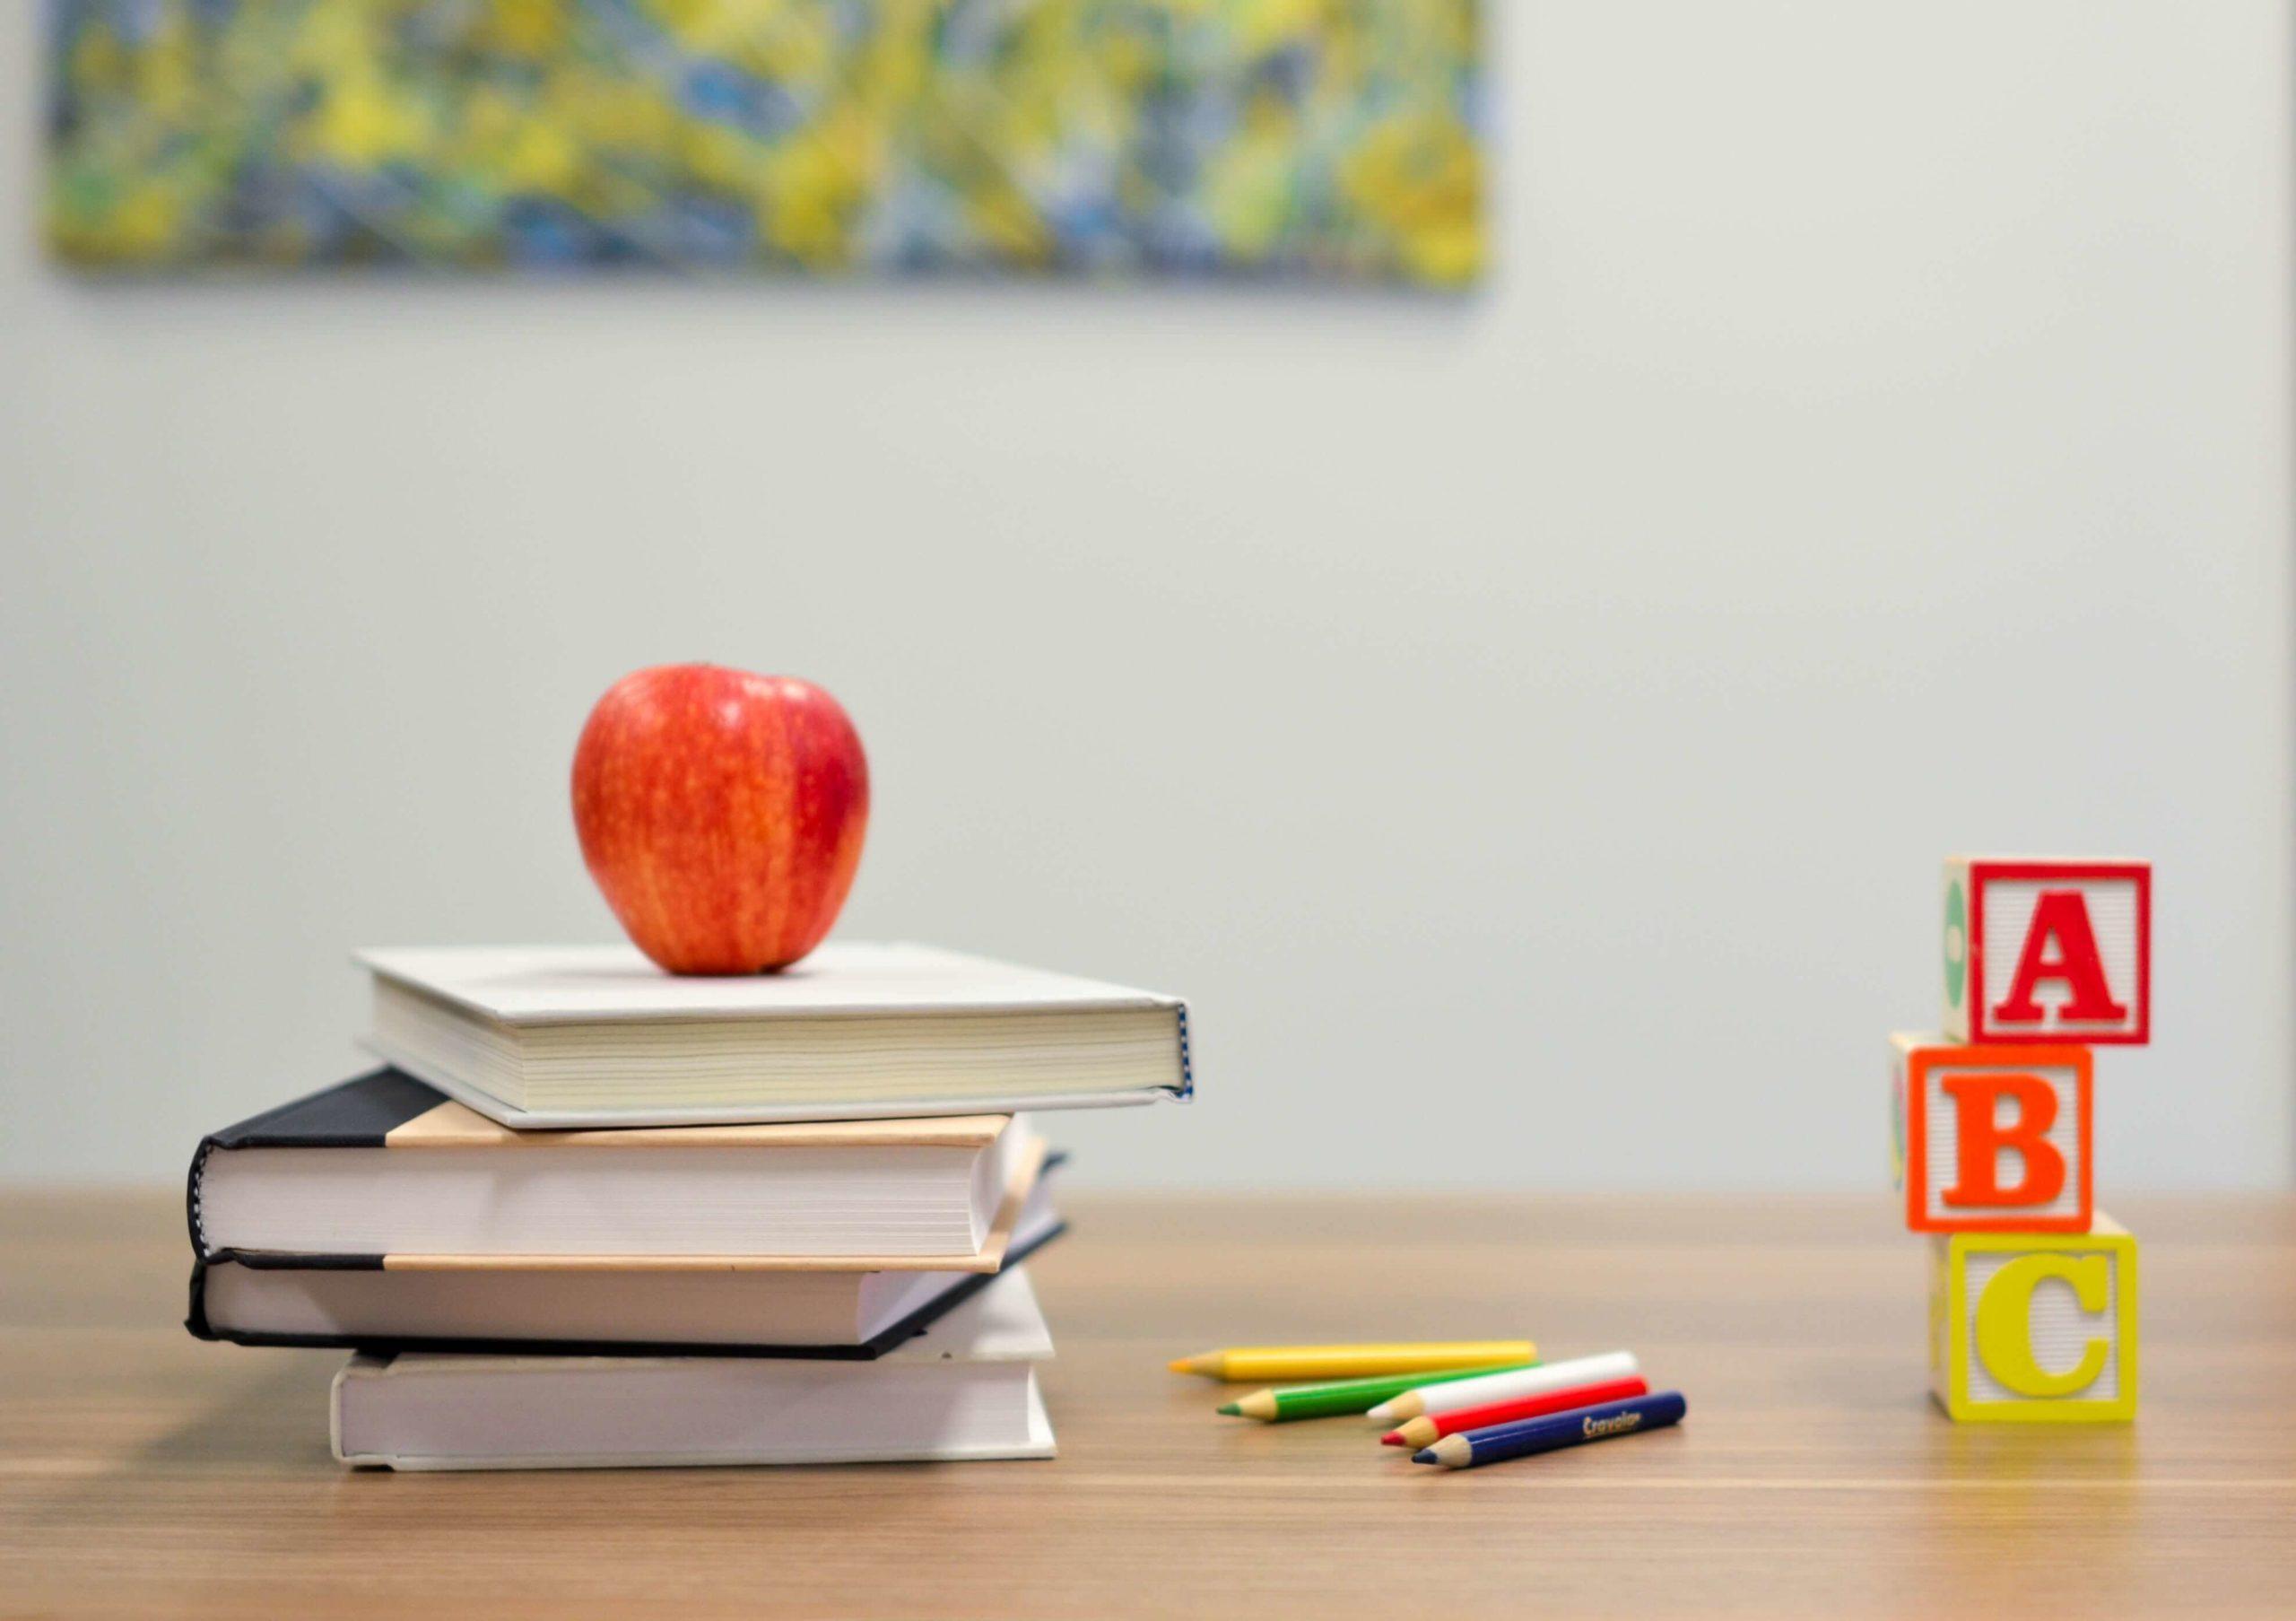 教員からの転職先 その2)学校がお世話になっている仕事